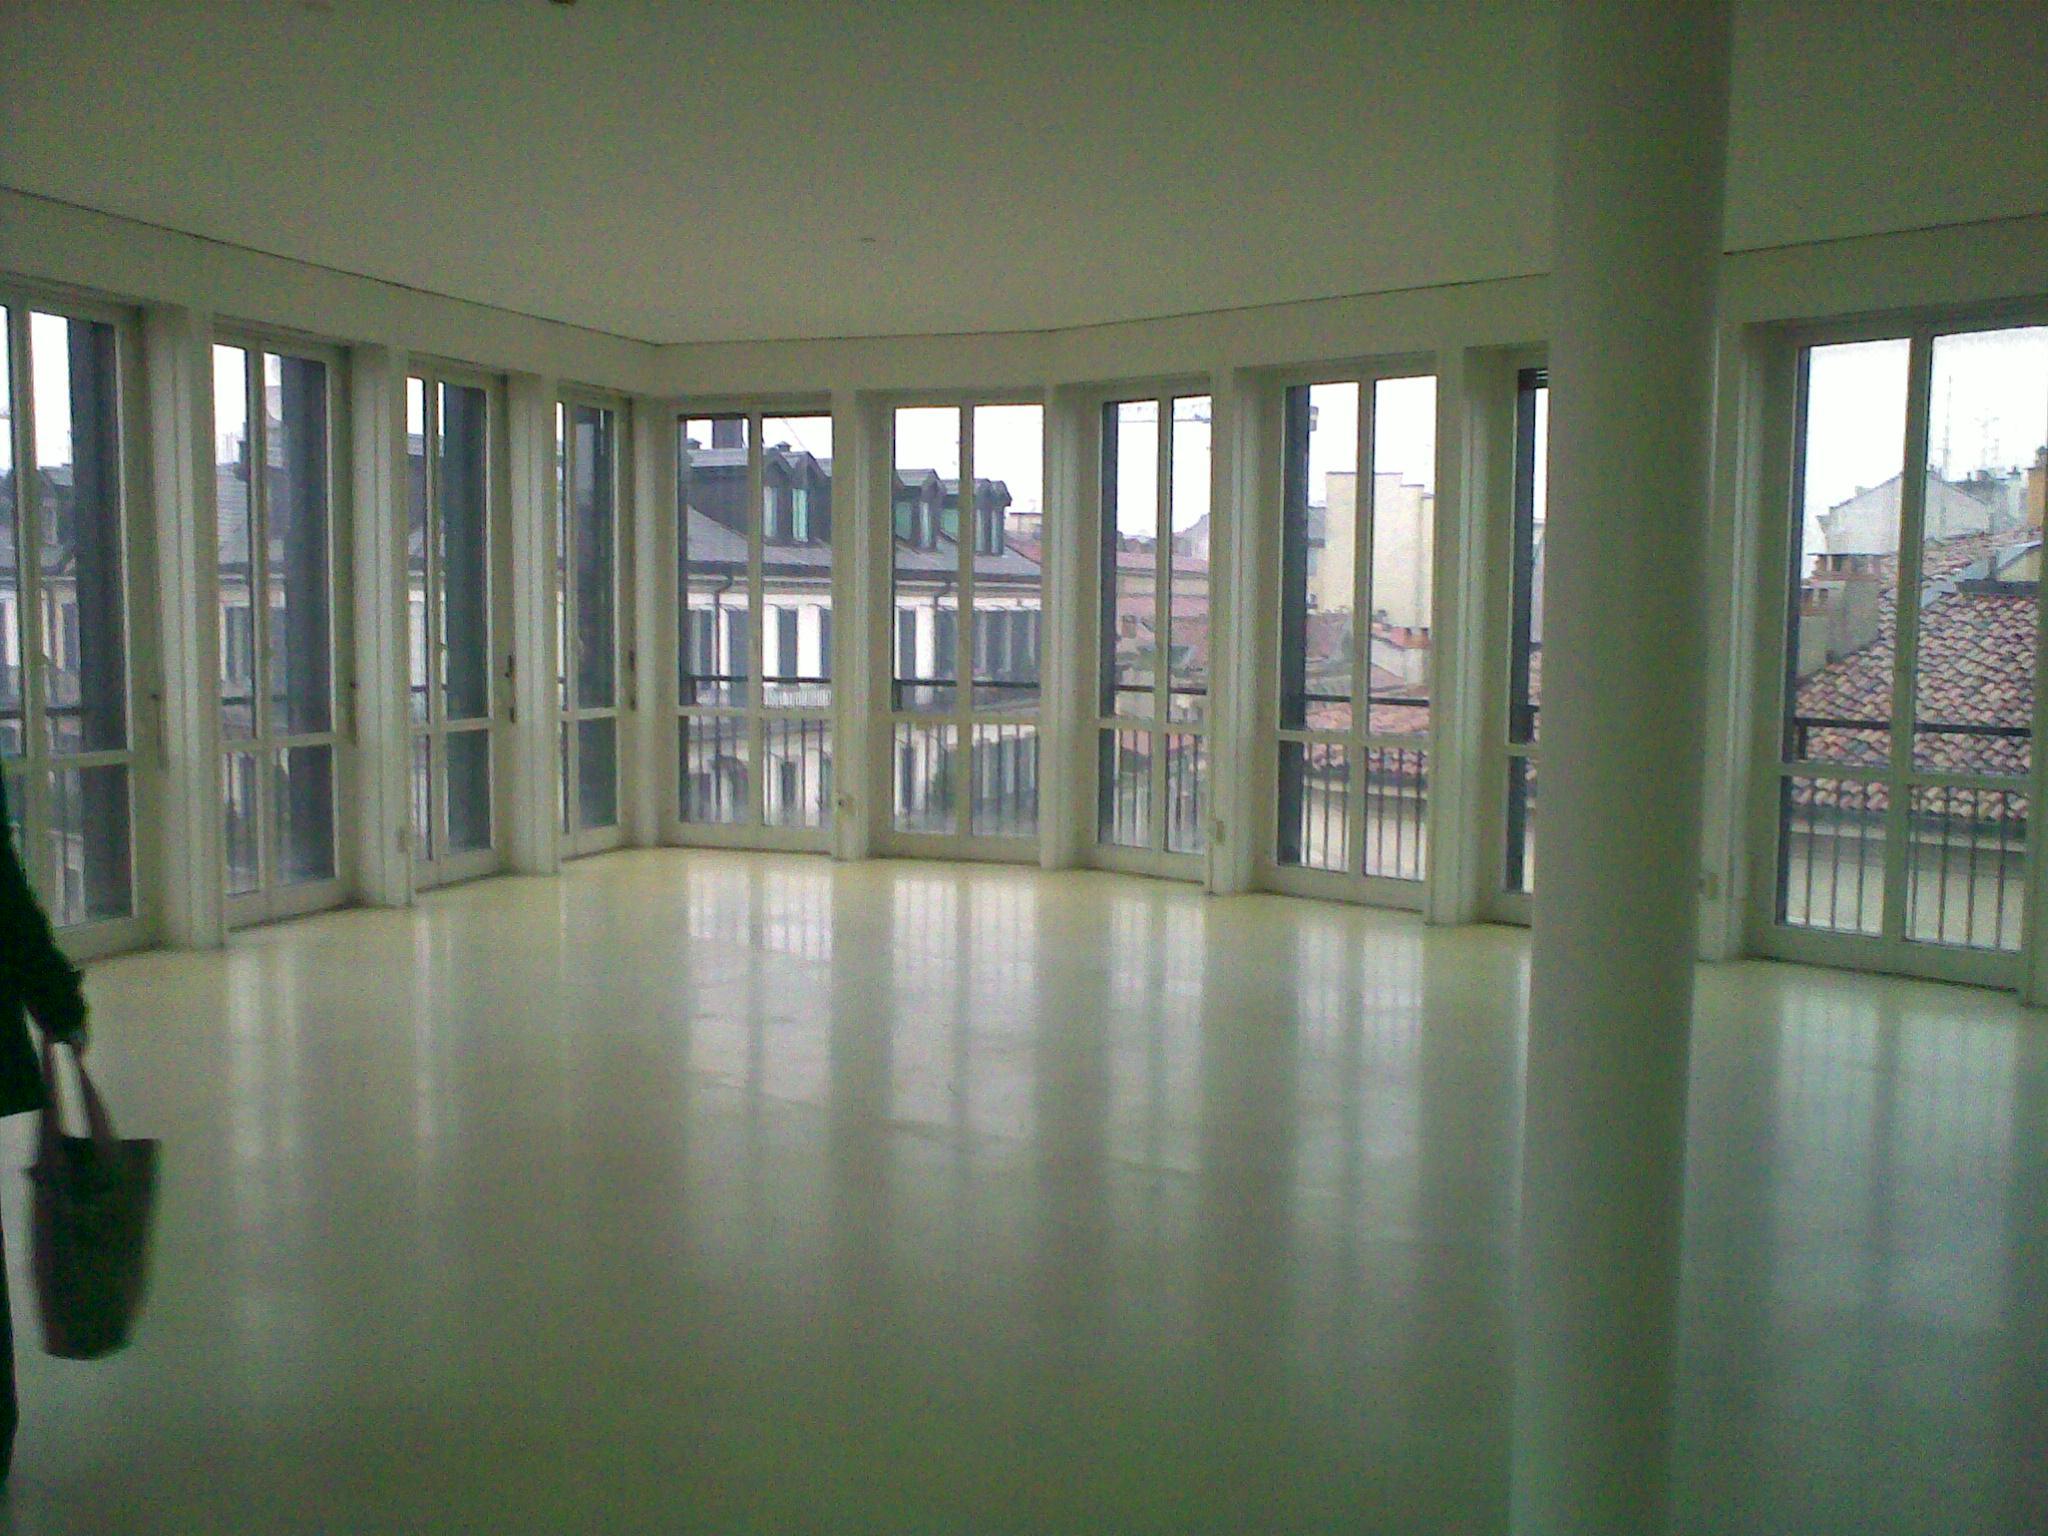 Ufficio A Milano : Giovanni citacov milano real estate immobili residenziali